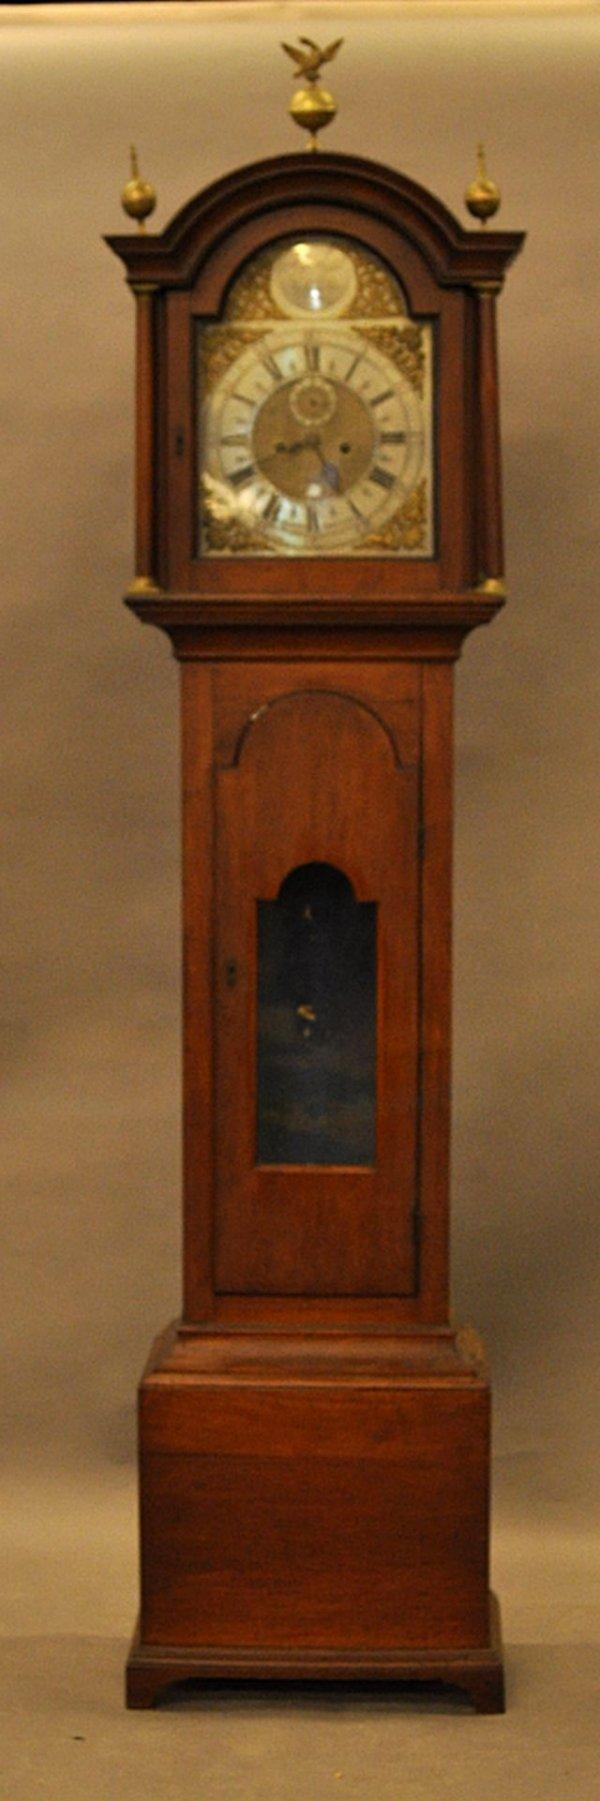 53: 18th century Newburyport tall case clock